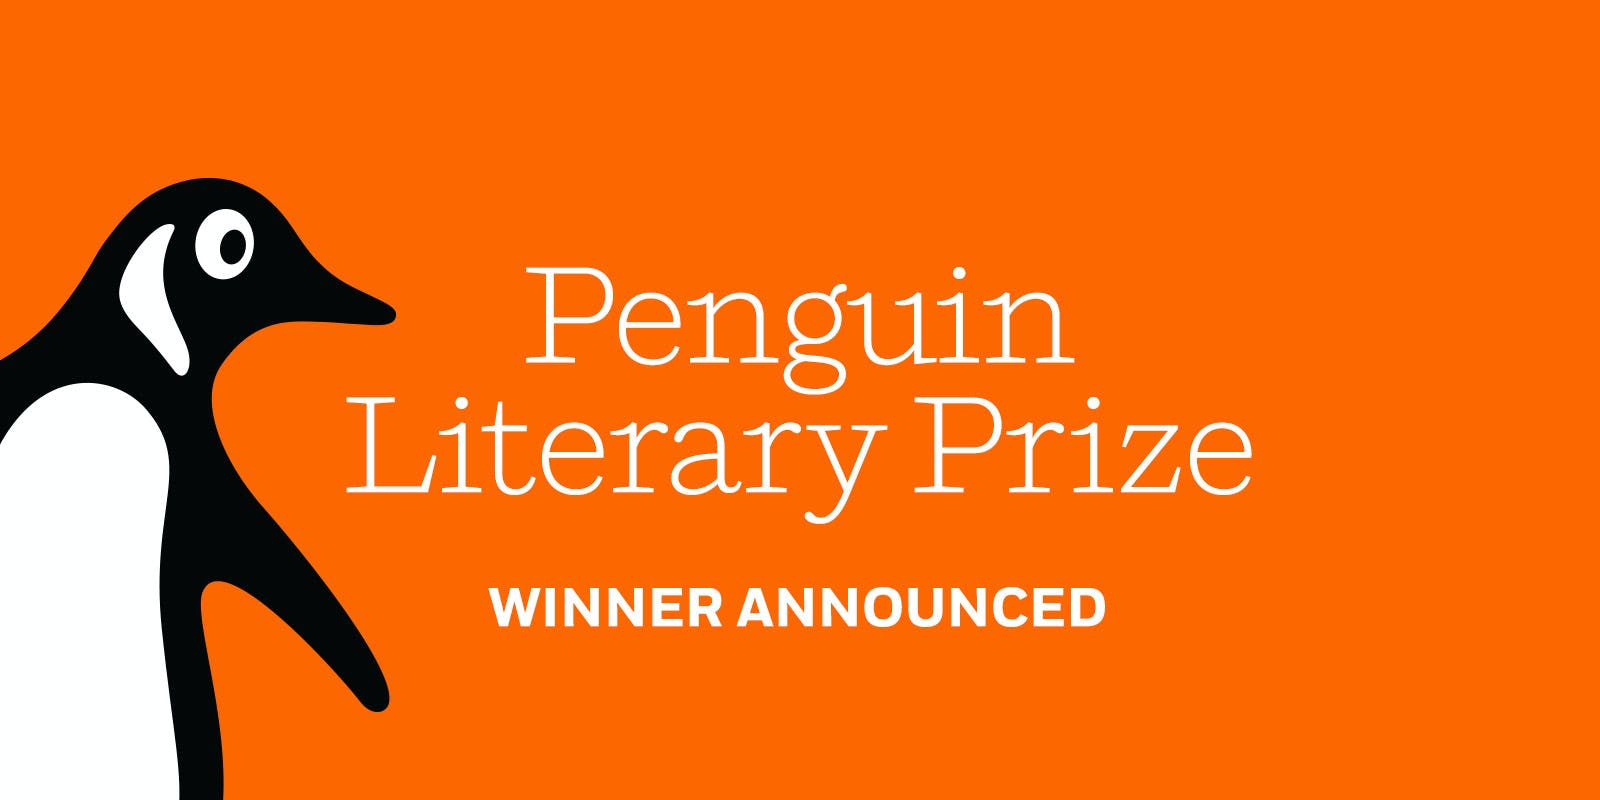 Penguin Literary Prize winner announced